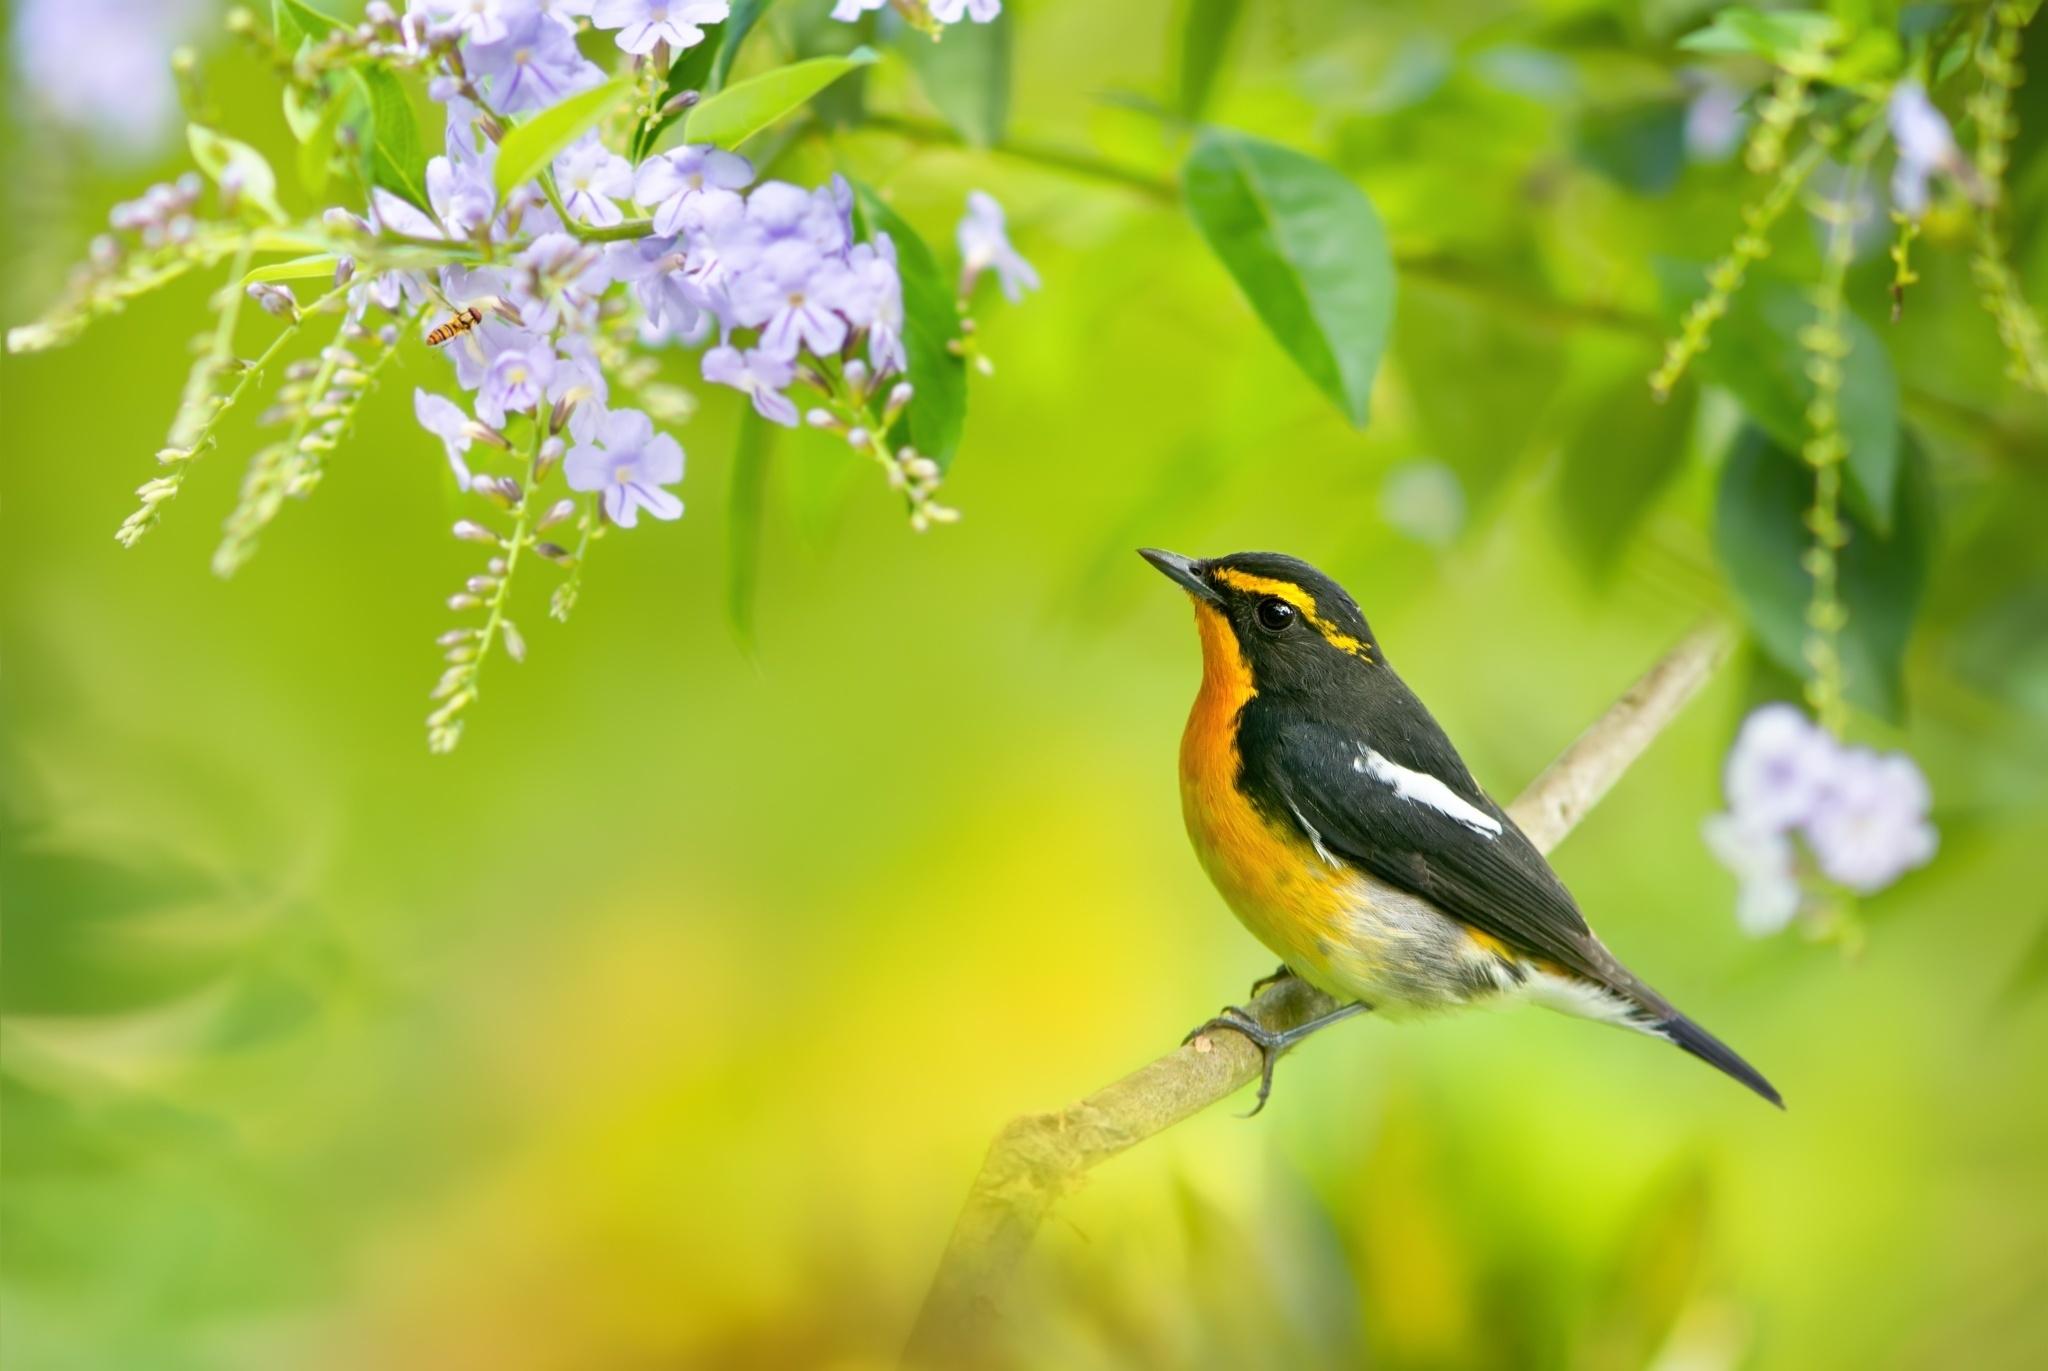 природа птица ветка бесплатно